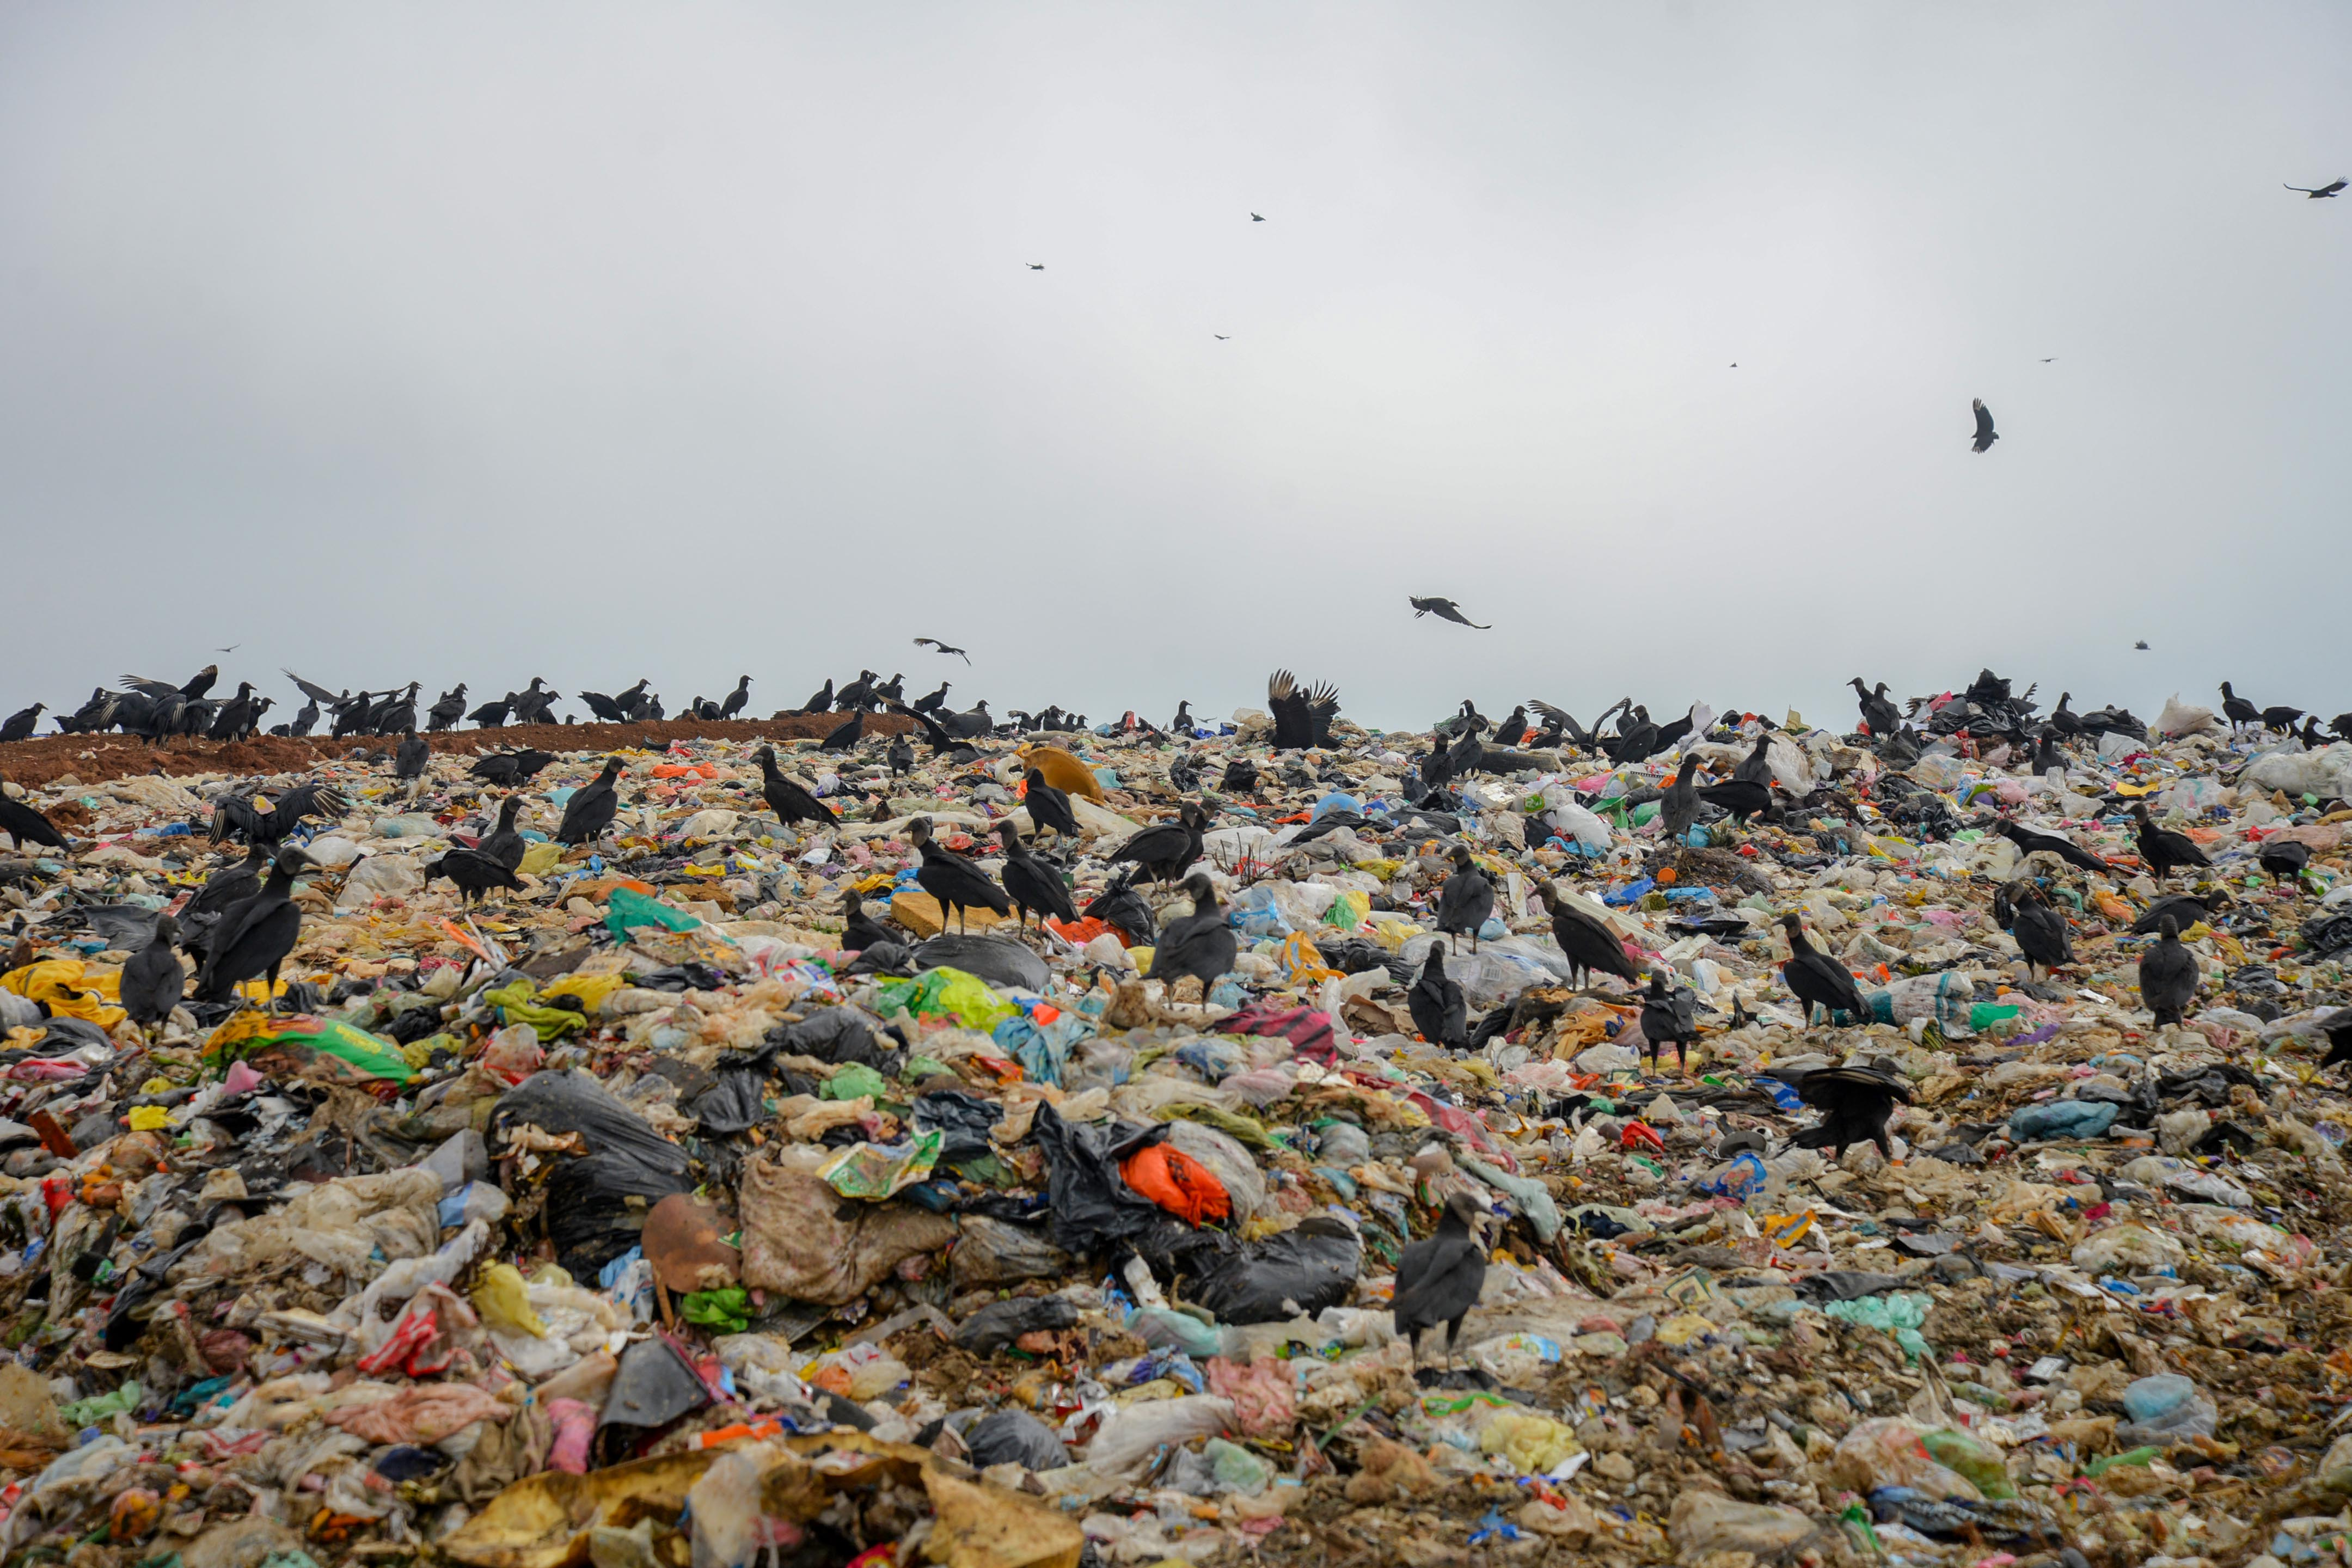 Orfis iniciará revisión sobre manejo de residuos sólidos urbanos en los ayuntamientos